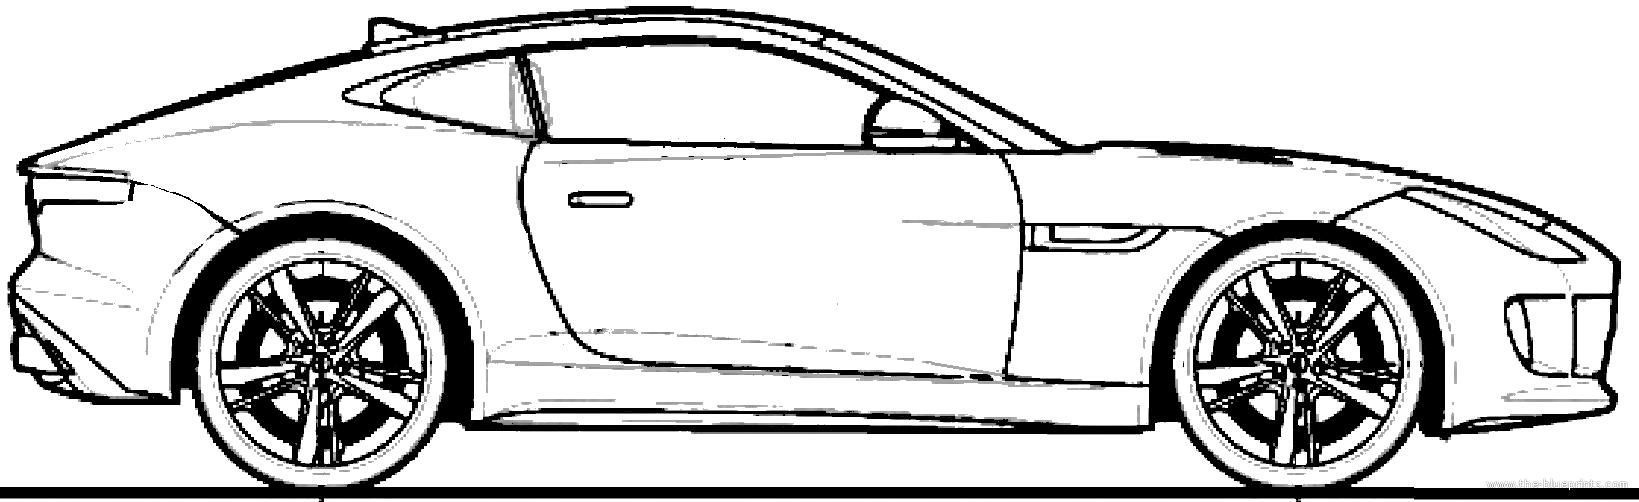 ... .com - Blueprints > Cars > Jaguar > Jaguar F-Type Coupe (2014